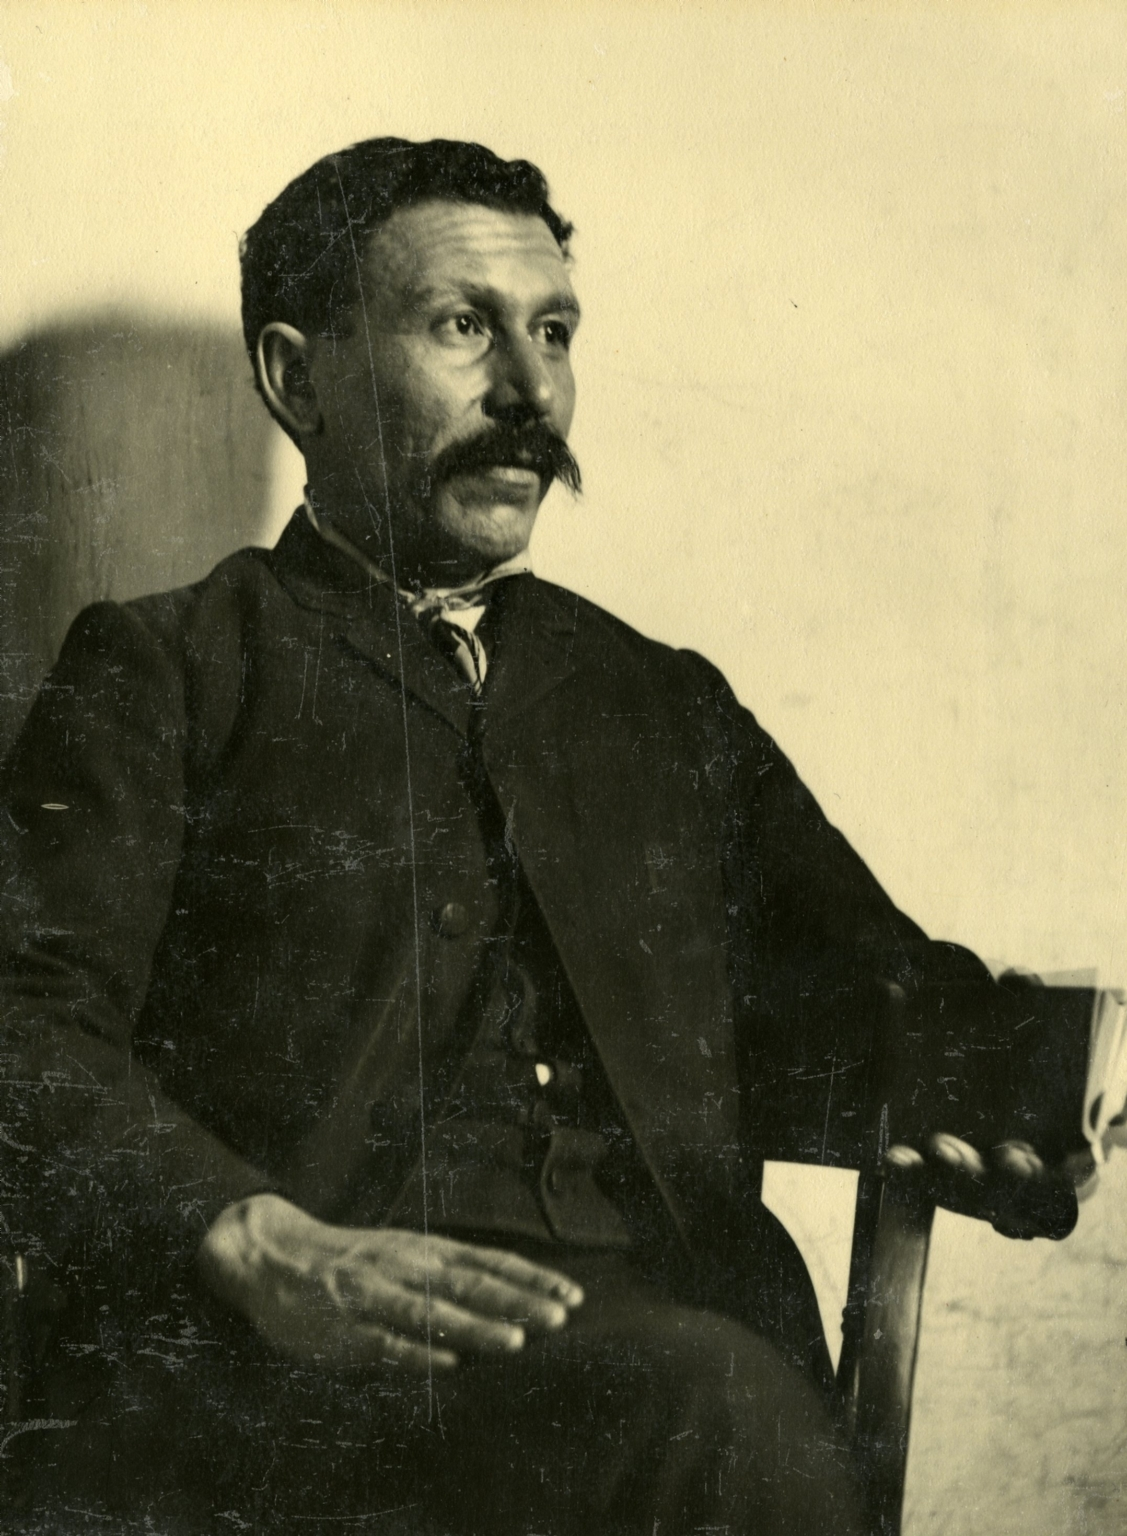 Portrait of Ramon E. Lopez